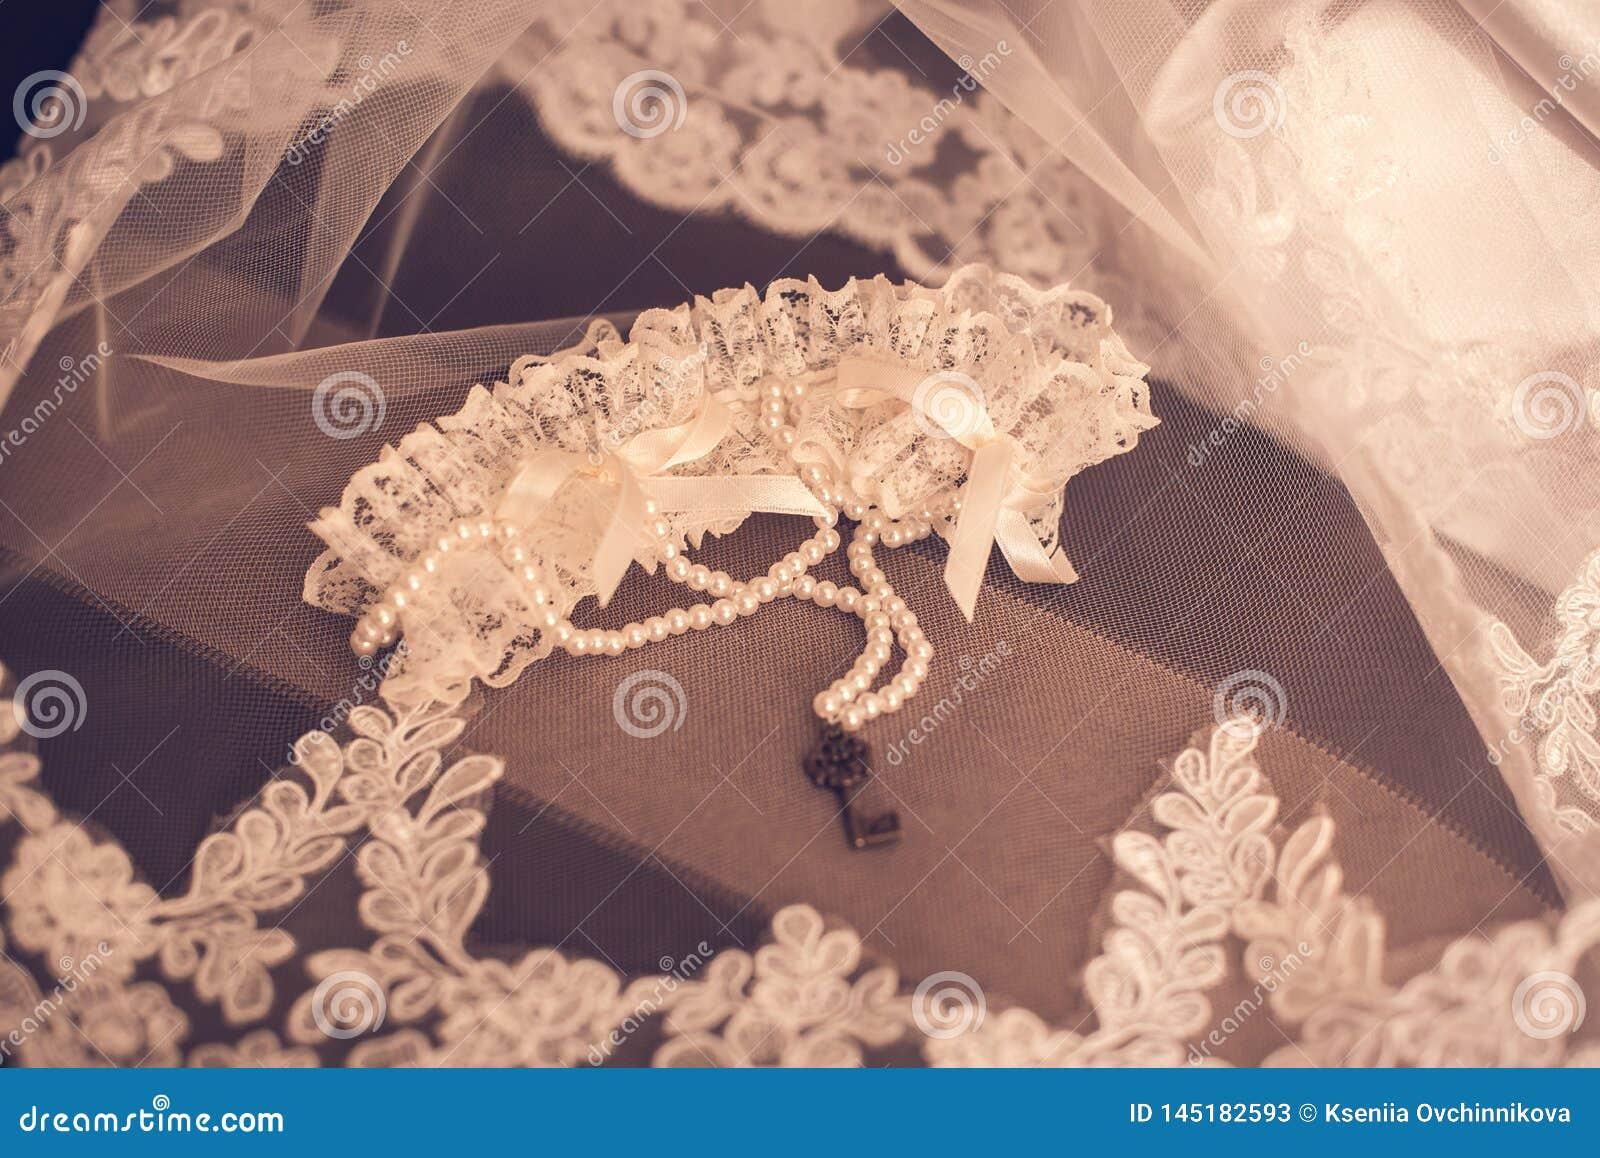 Невеста носит браслет в наличии